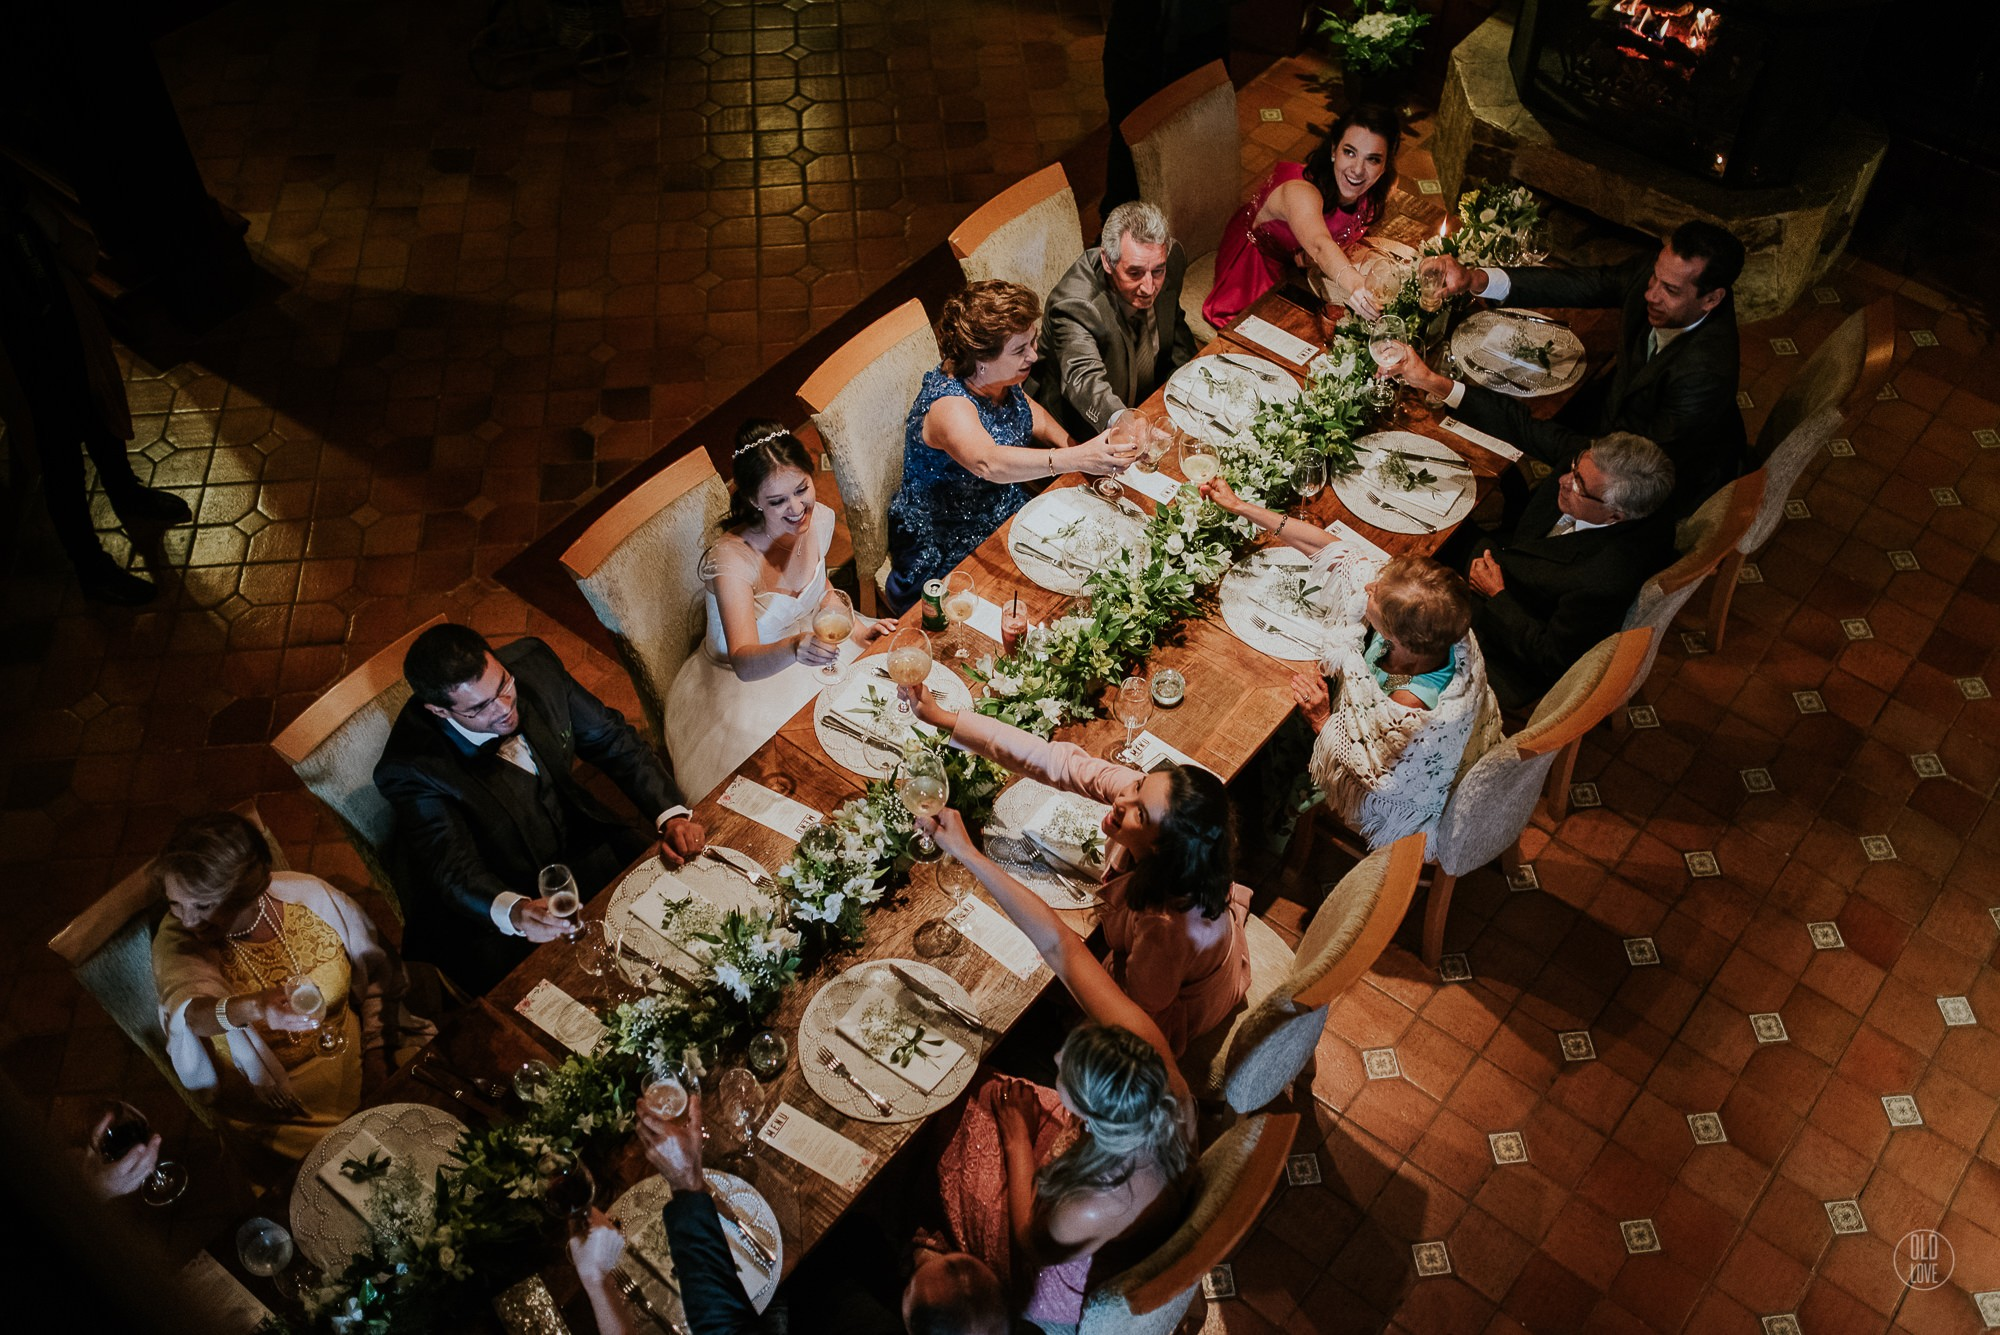 Casal celebrando com convidados na mesa do jantar.